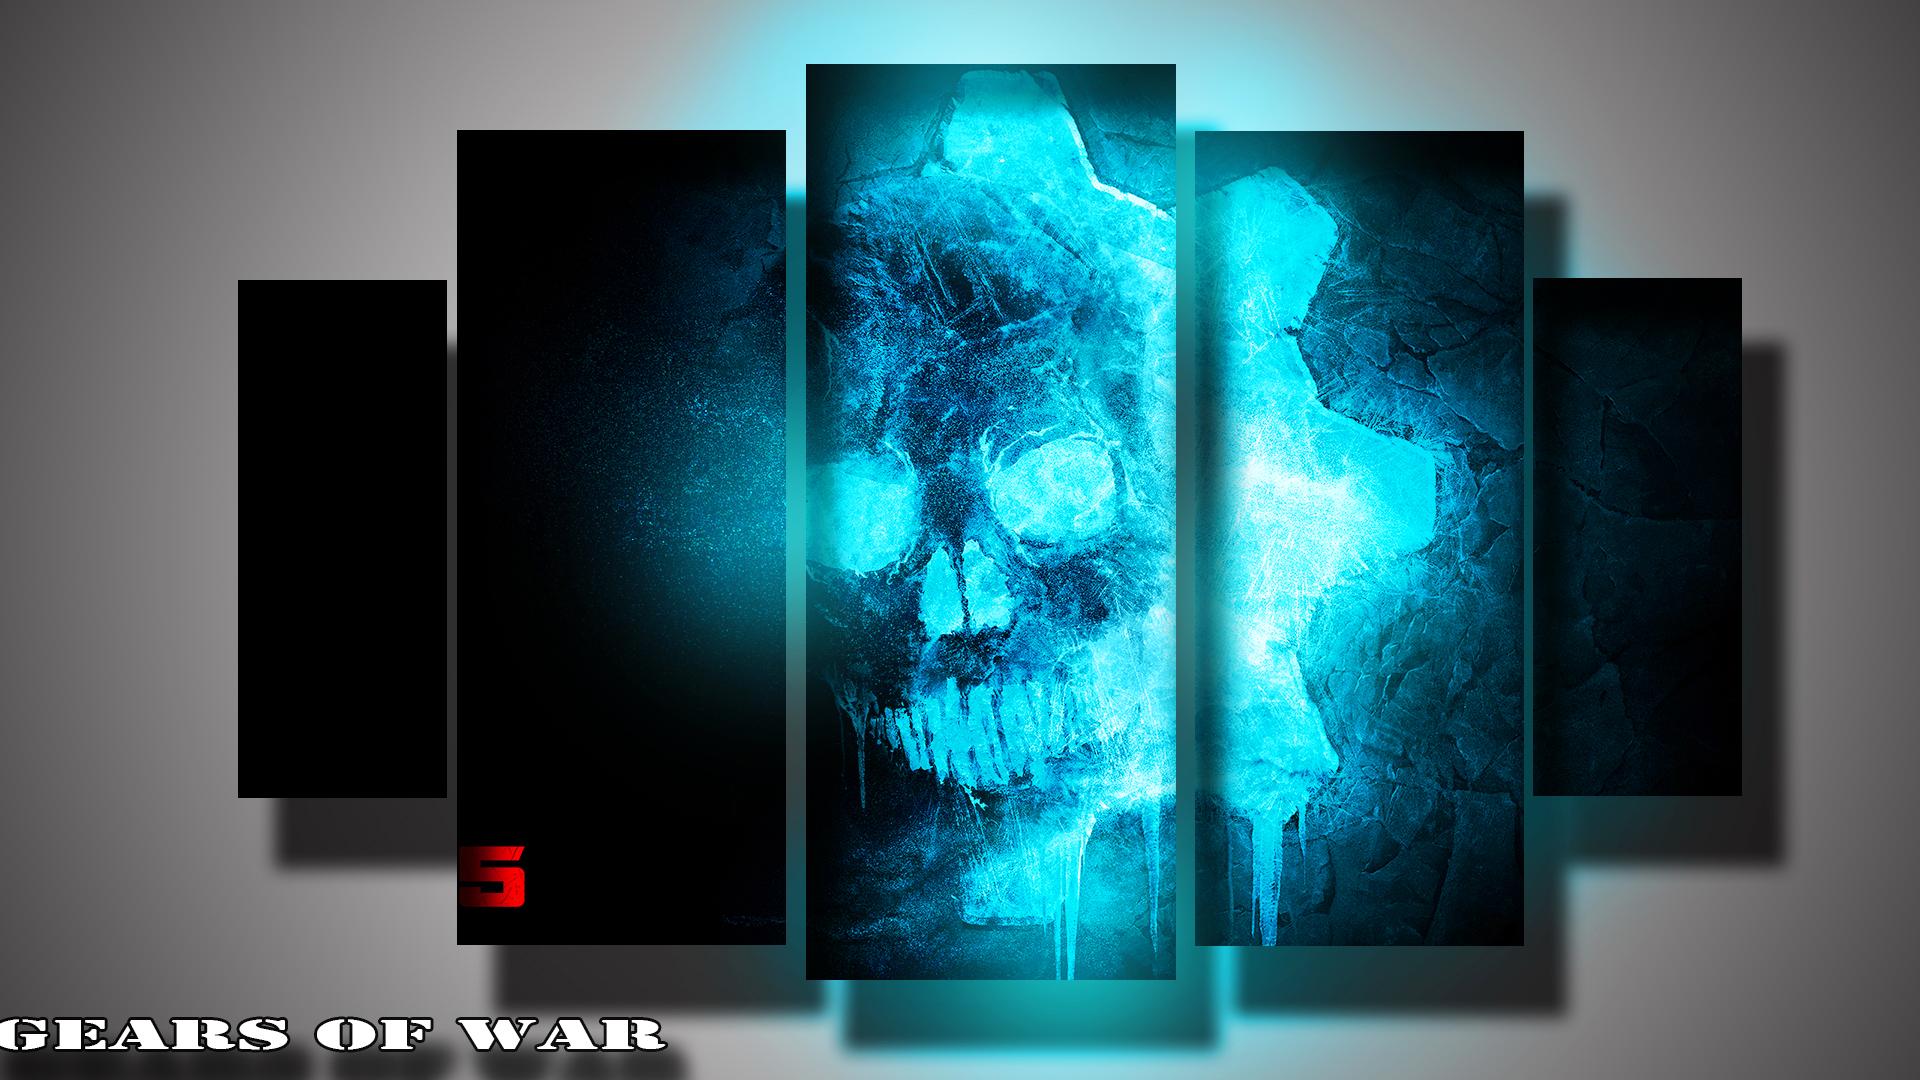 Gears Of War 5 Wallpaper By Eltrapitogameruwu On Deviantart